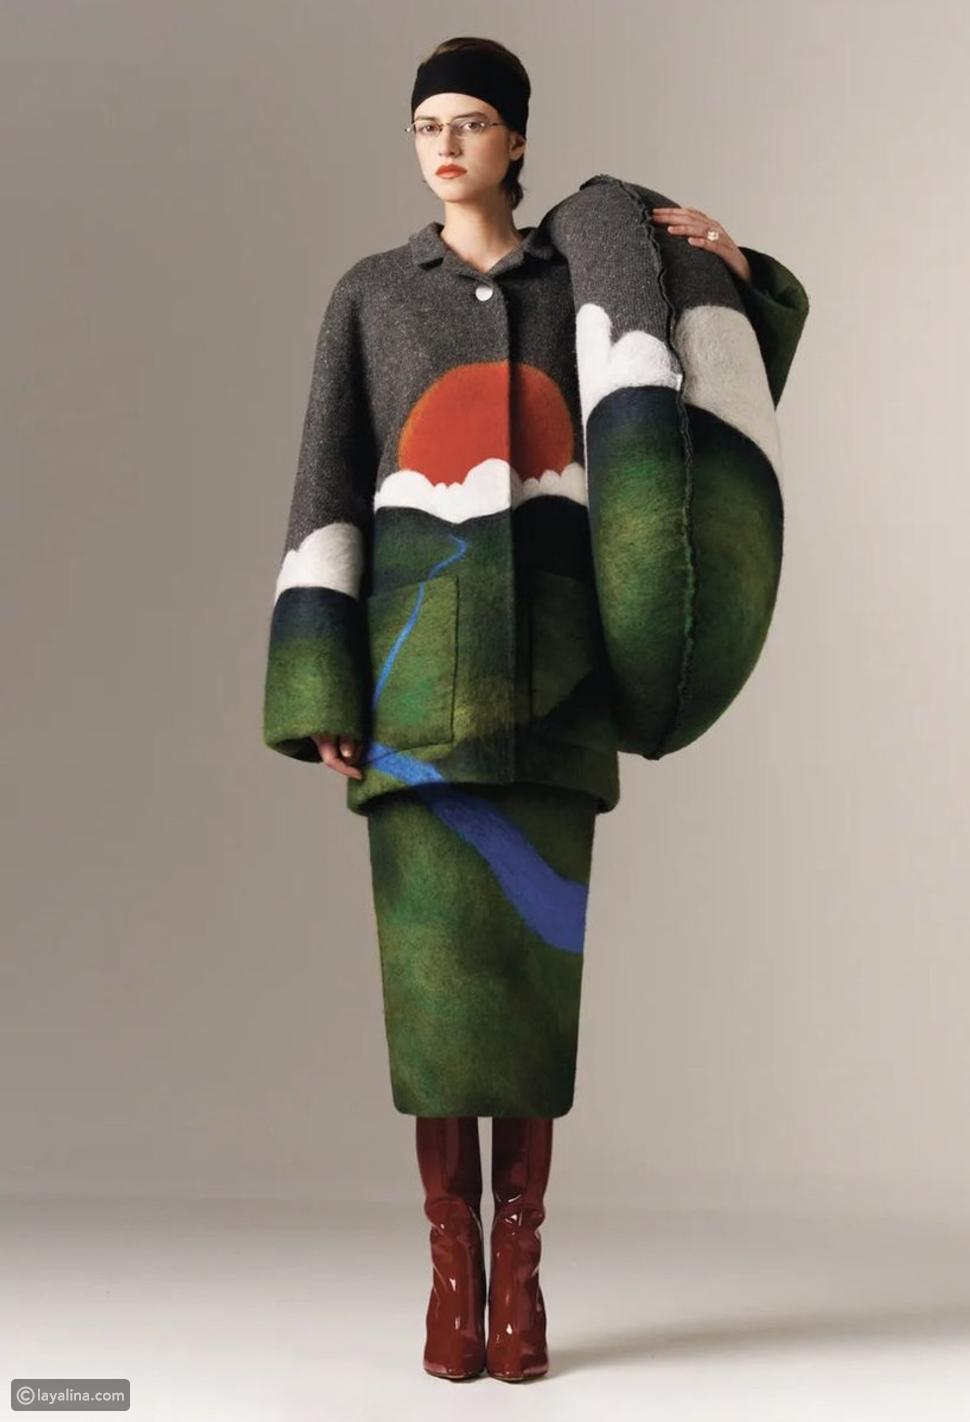 ملابس مزينة بالطبيعةفي مجموعات عروضالأزياء